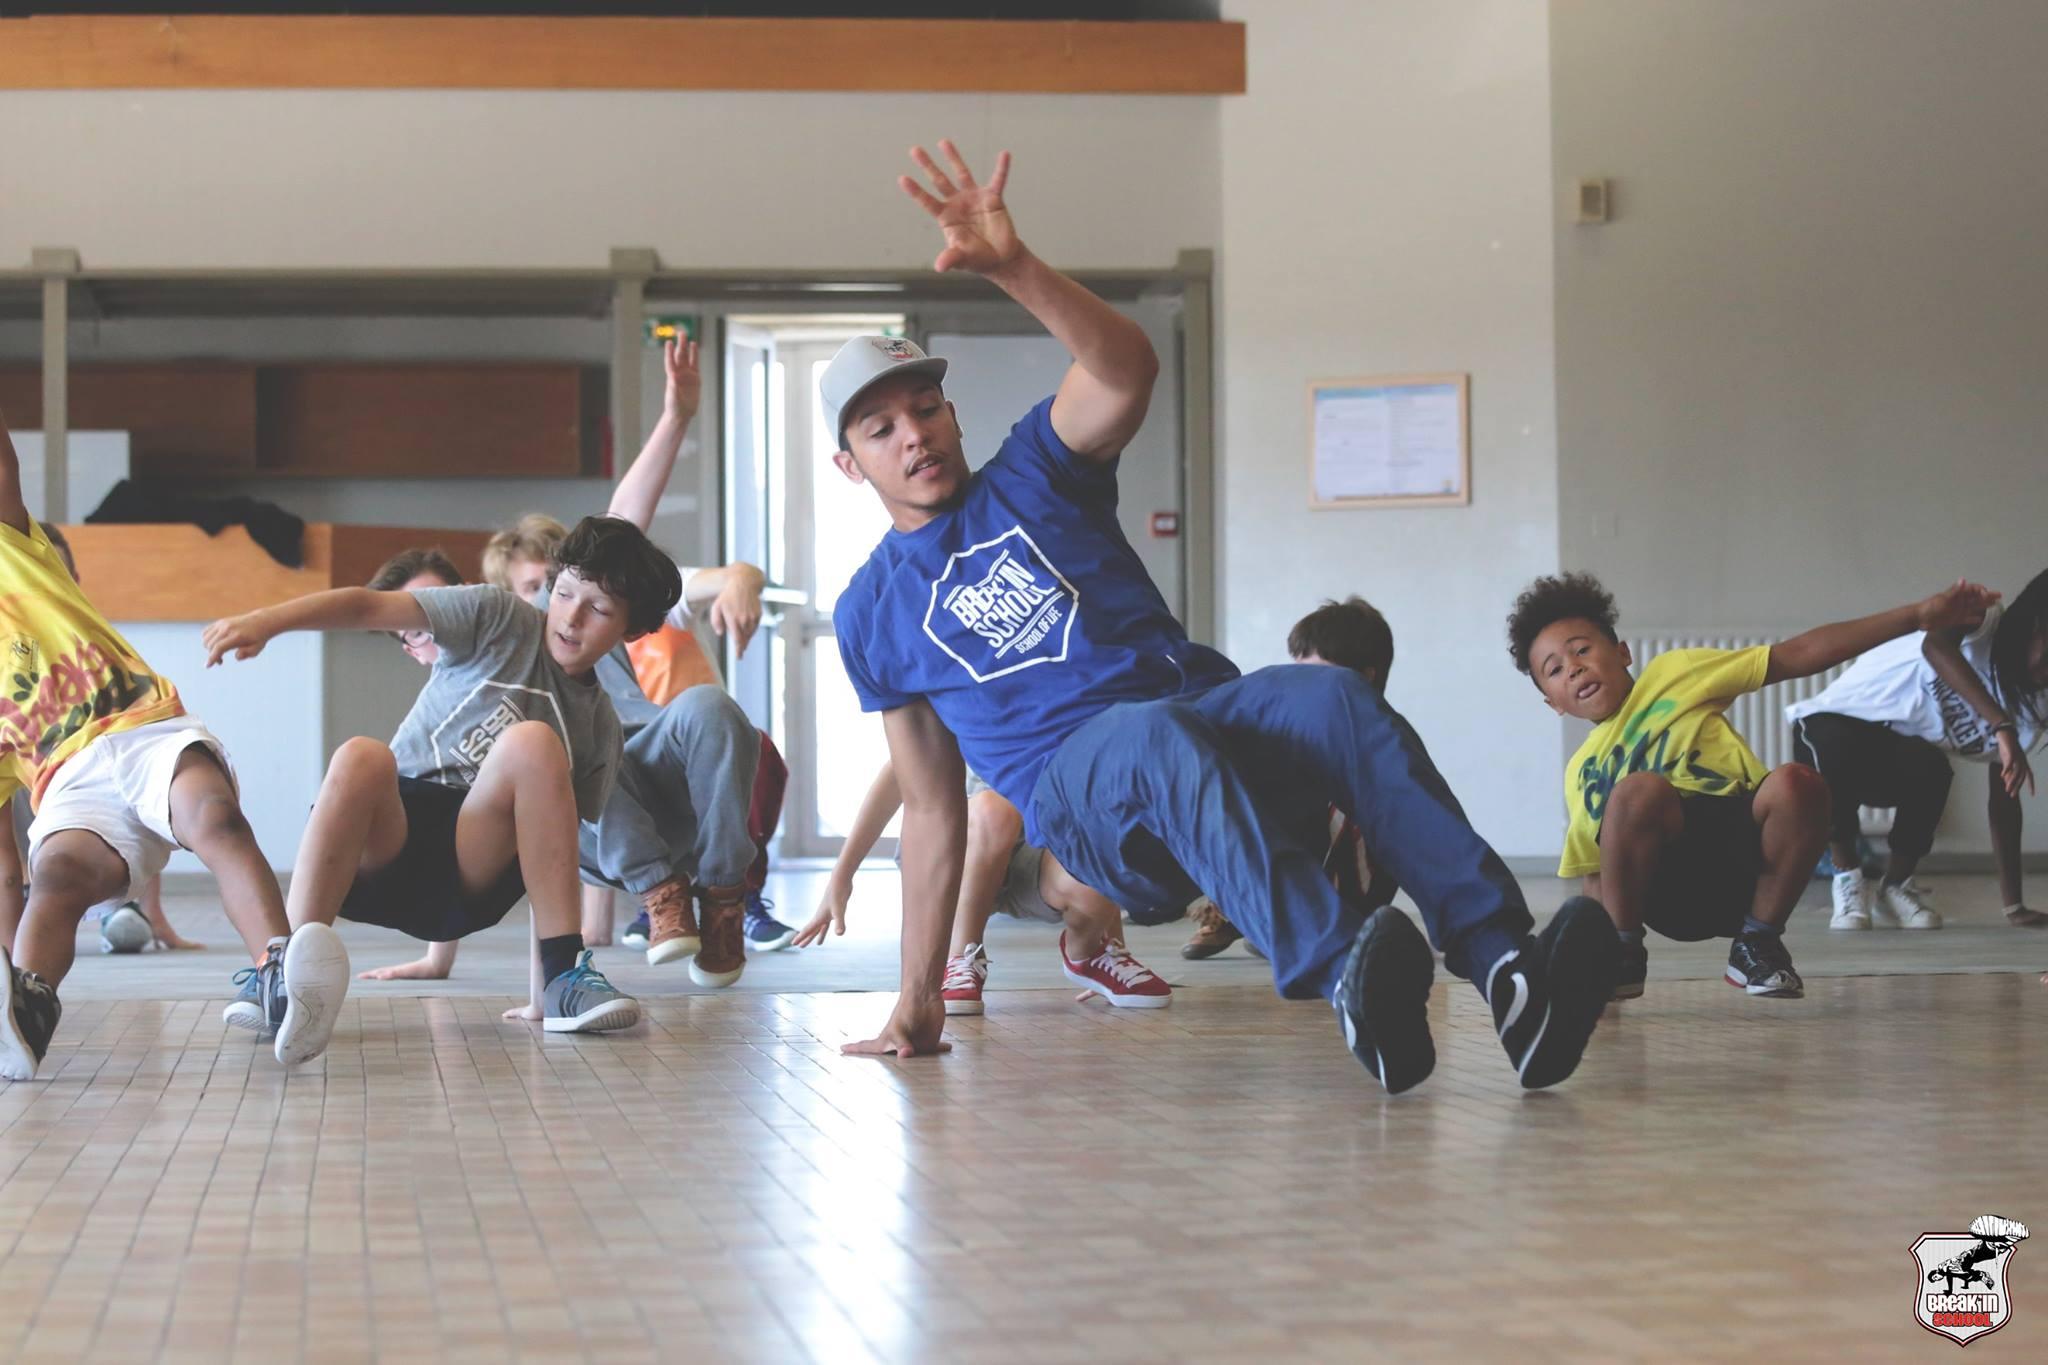 cours-de-danse-hip-hop-et-breakdance-a-nbsp-toulouse-